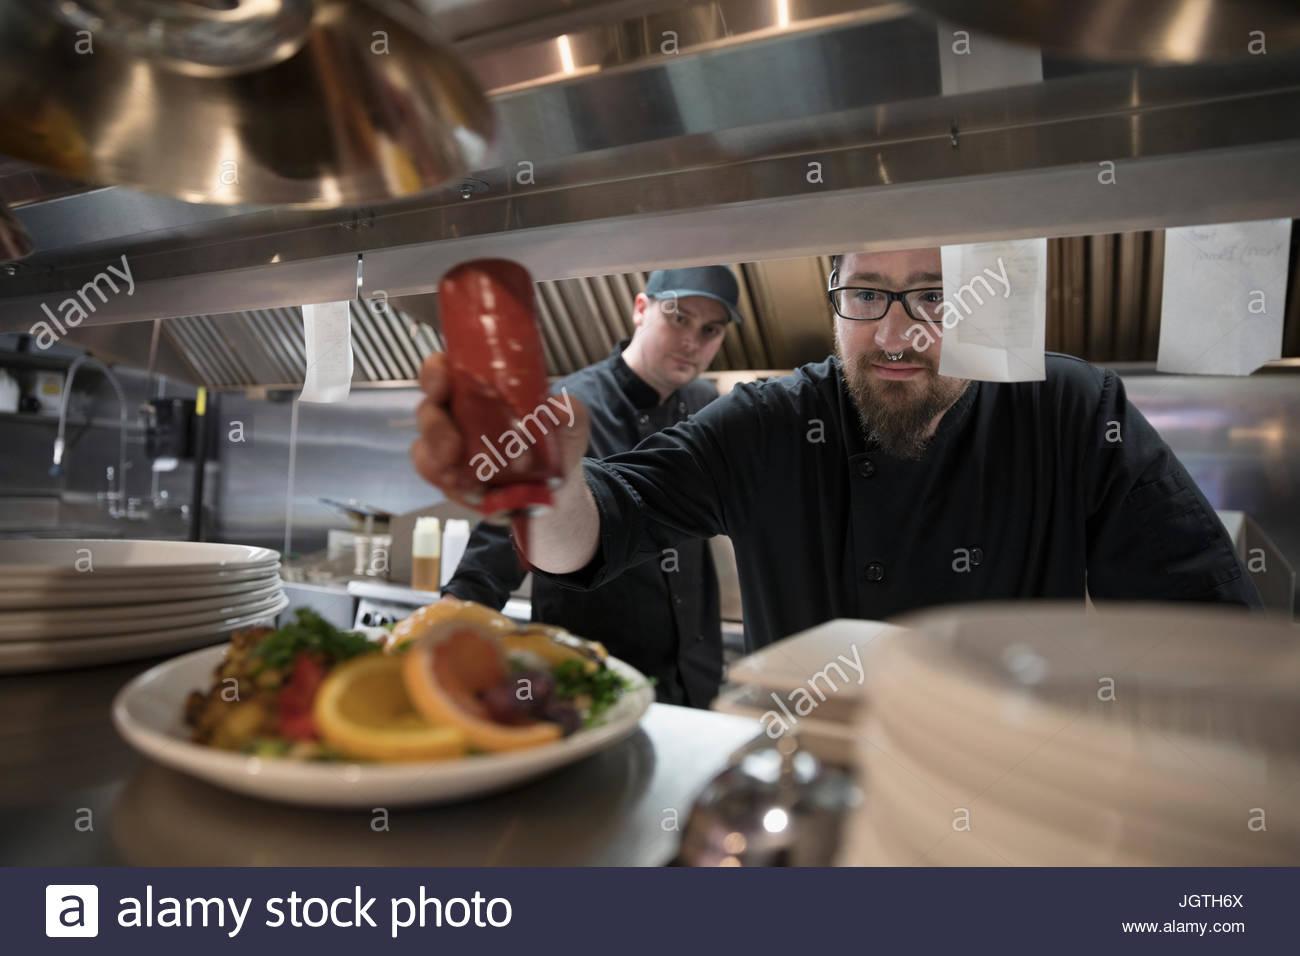 Linie Vorbereitung Essen in Restaurantküche Kochen Stockbild